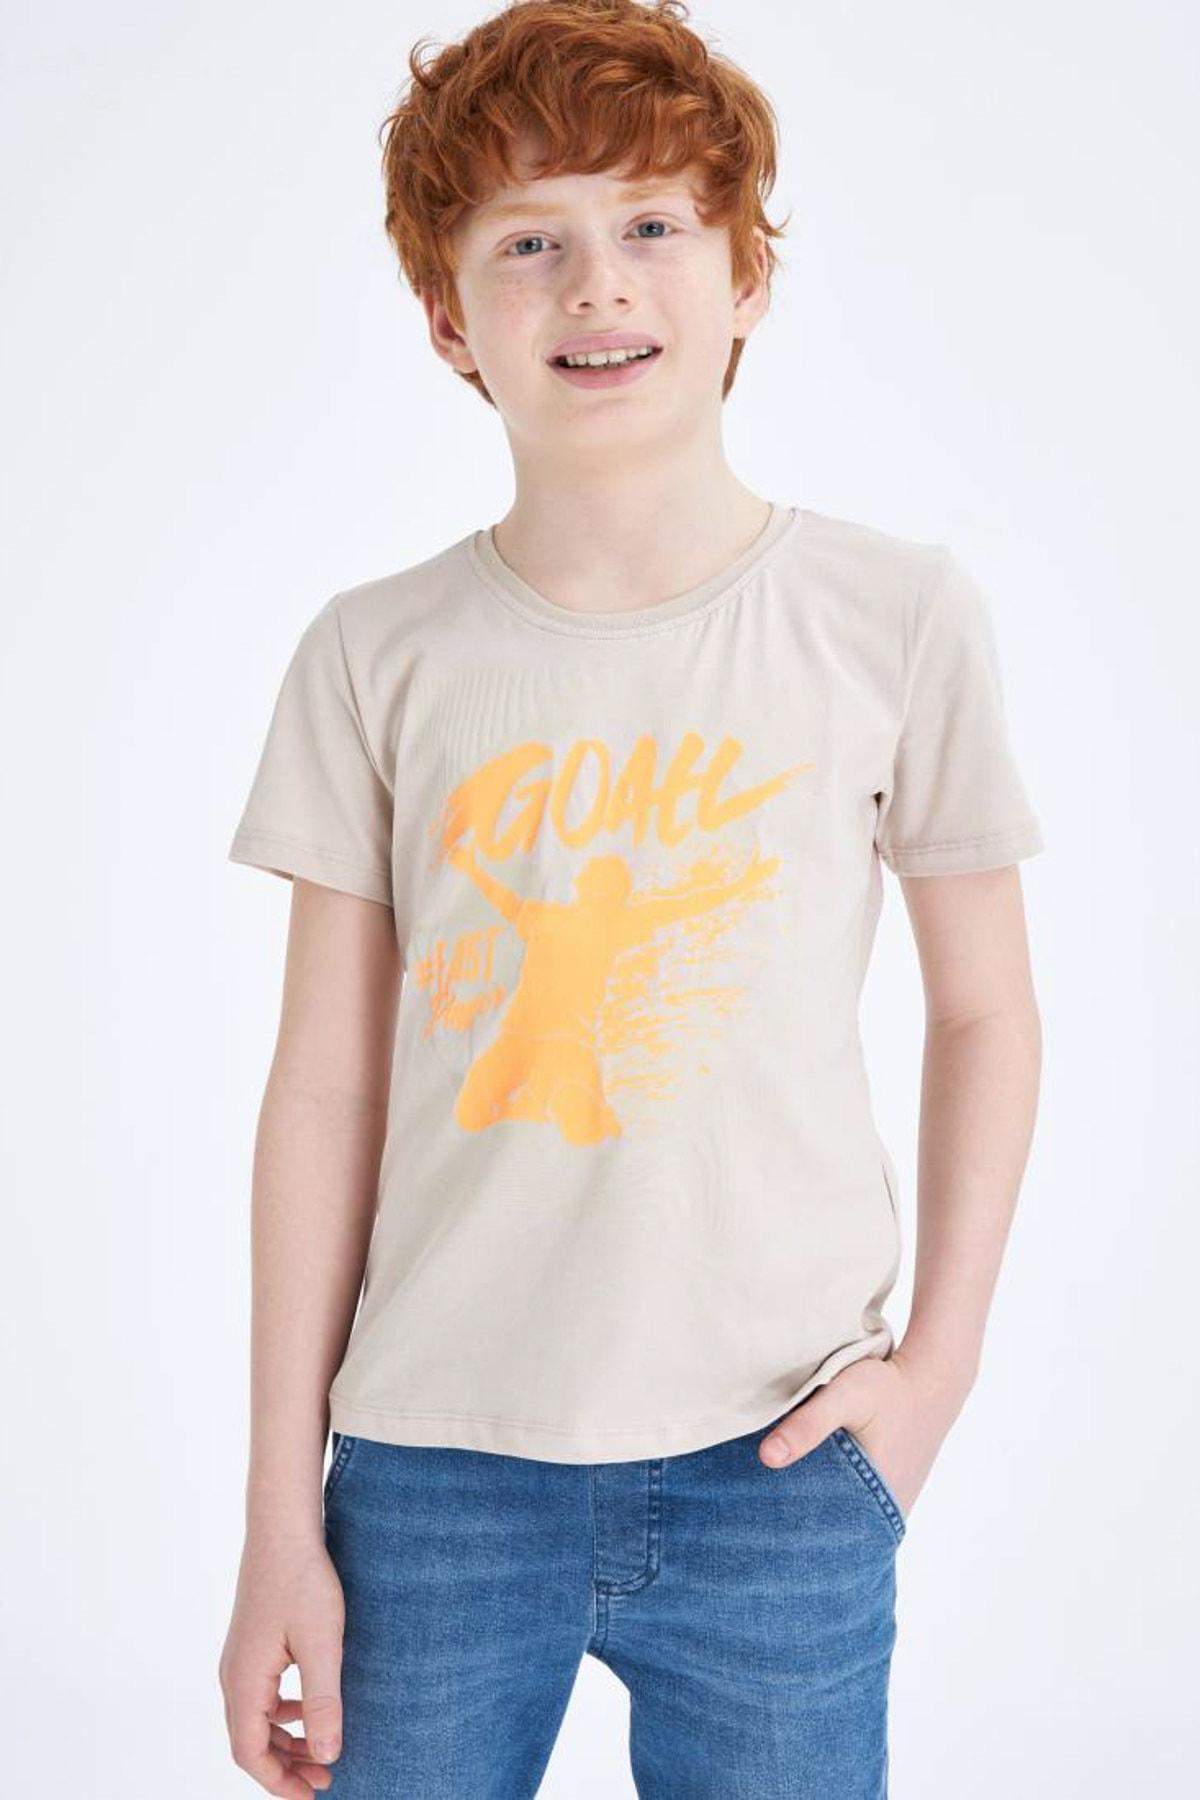 تیشرت پسرانه با قیمت برند دفاکتو ترکیه رنگ نقره ای کد ty38277196